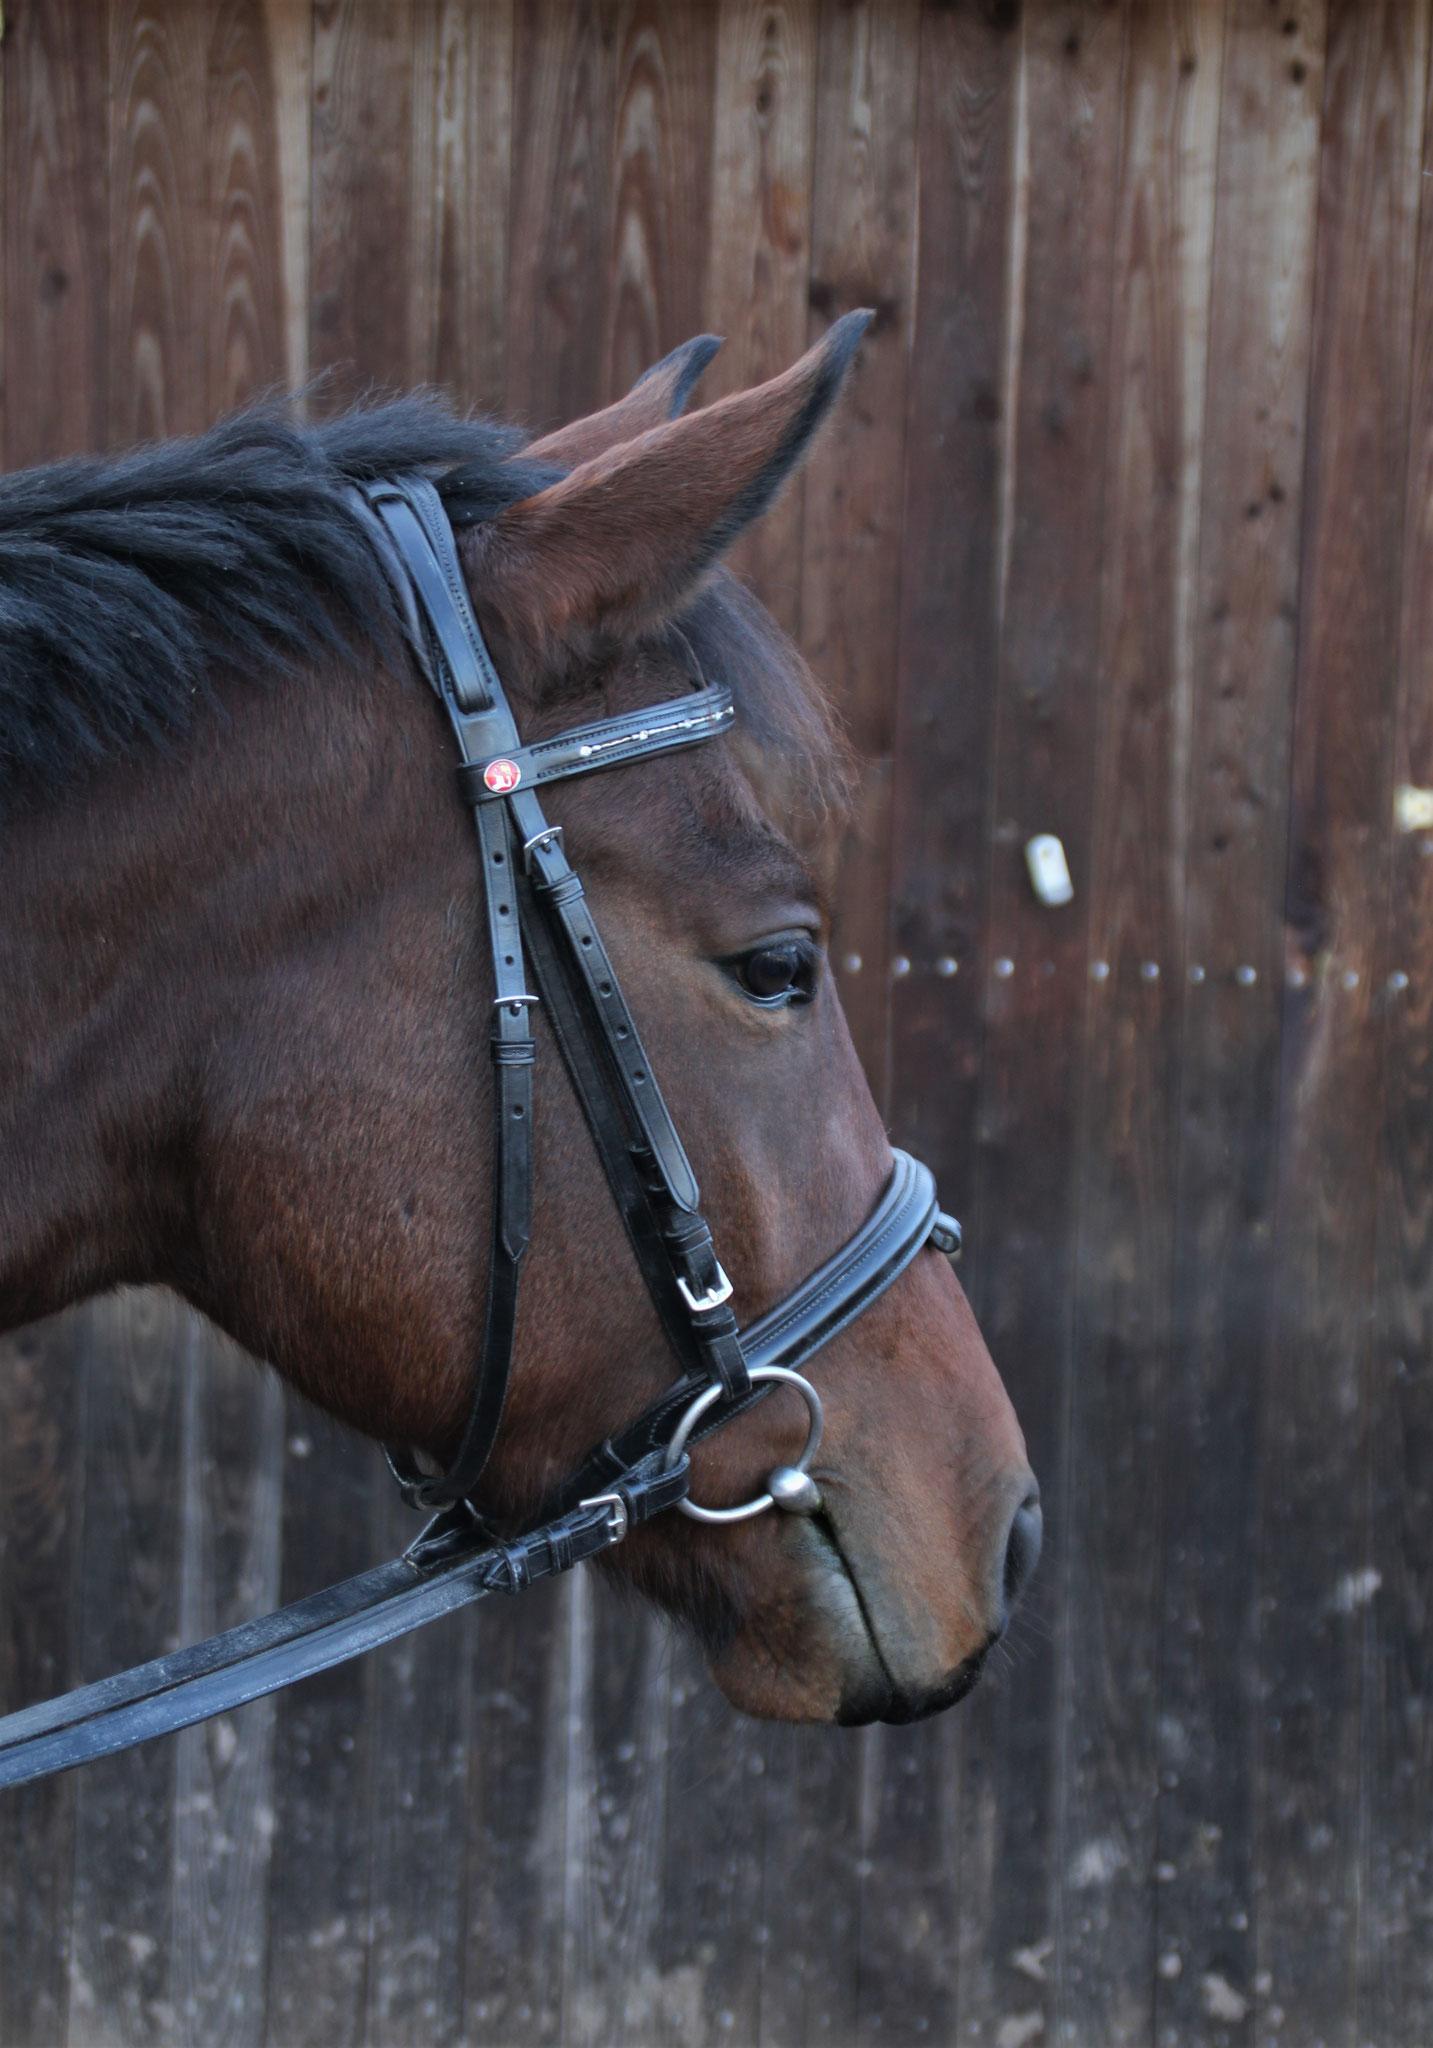 Wellness, geb. 2016, 158 cm. Ein bei uns gezüchtetes Halbblut, das im Moment durch sein Alter nur an erfahrene Reiter vergeben wird. Sie ist eine Schmusekatze, sehr schlau, liebt es betüddelt zu werden und kann Türen öffnen.